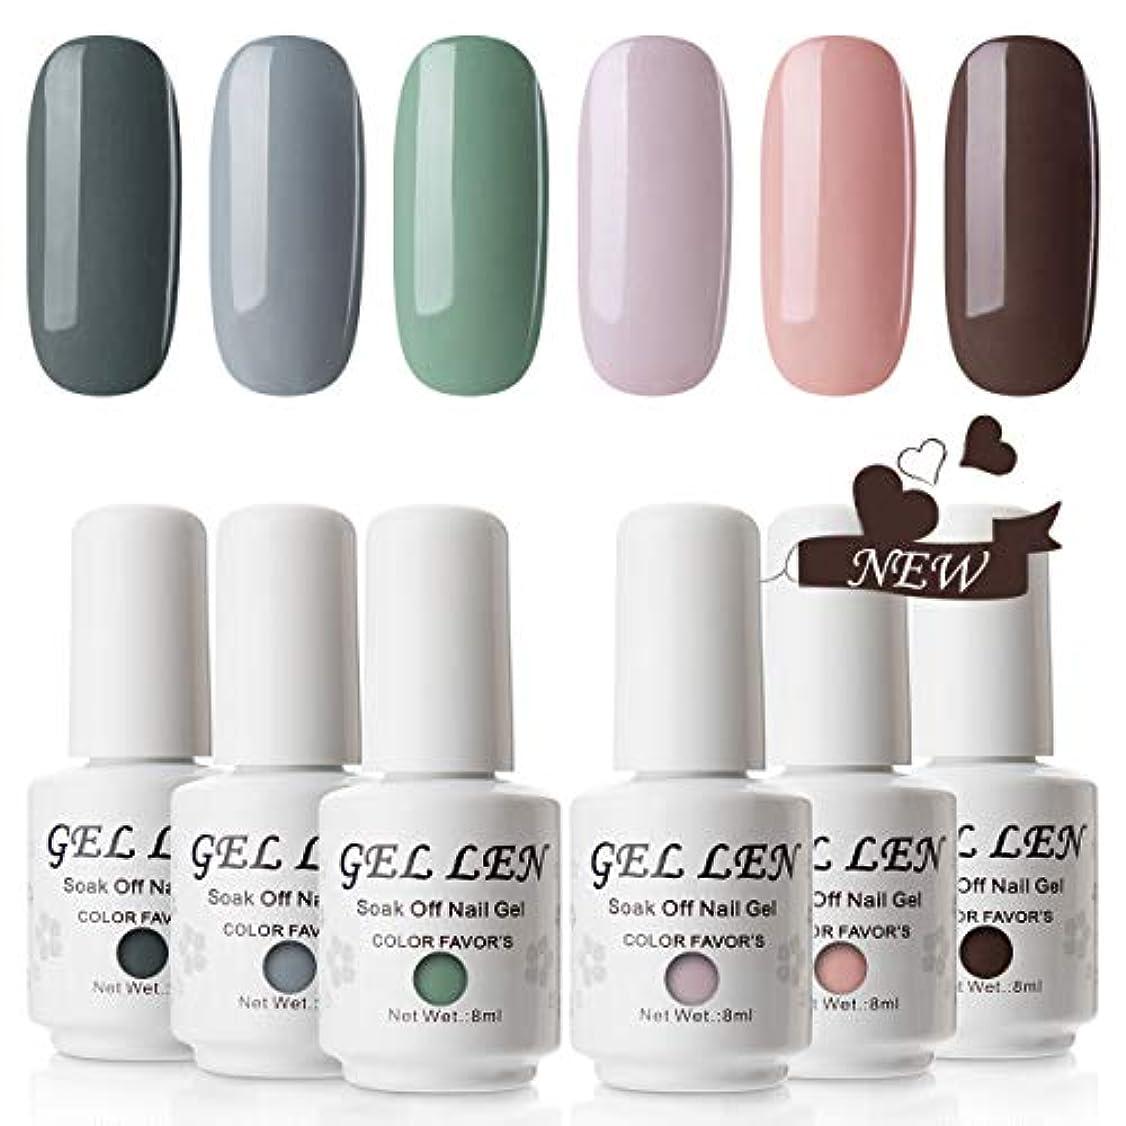 雑多なダーベビルのテス居間Gellen ジェルネイル カラージェル 厳選6色 UV/LED ラメ 全ての女性に愛されるカラー 8ml くすみカラー 和色